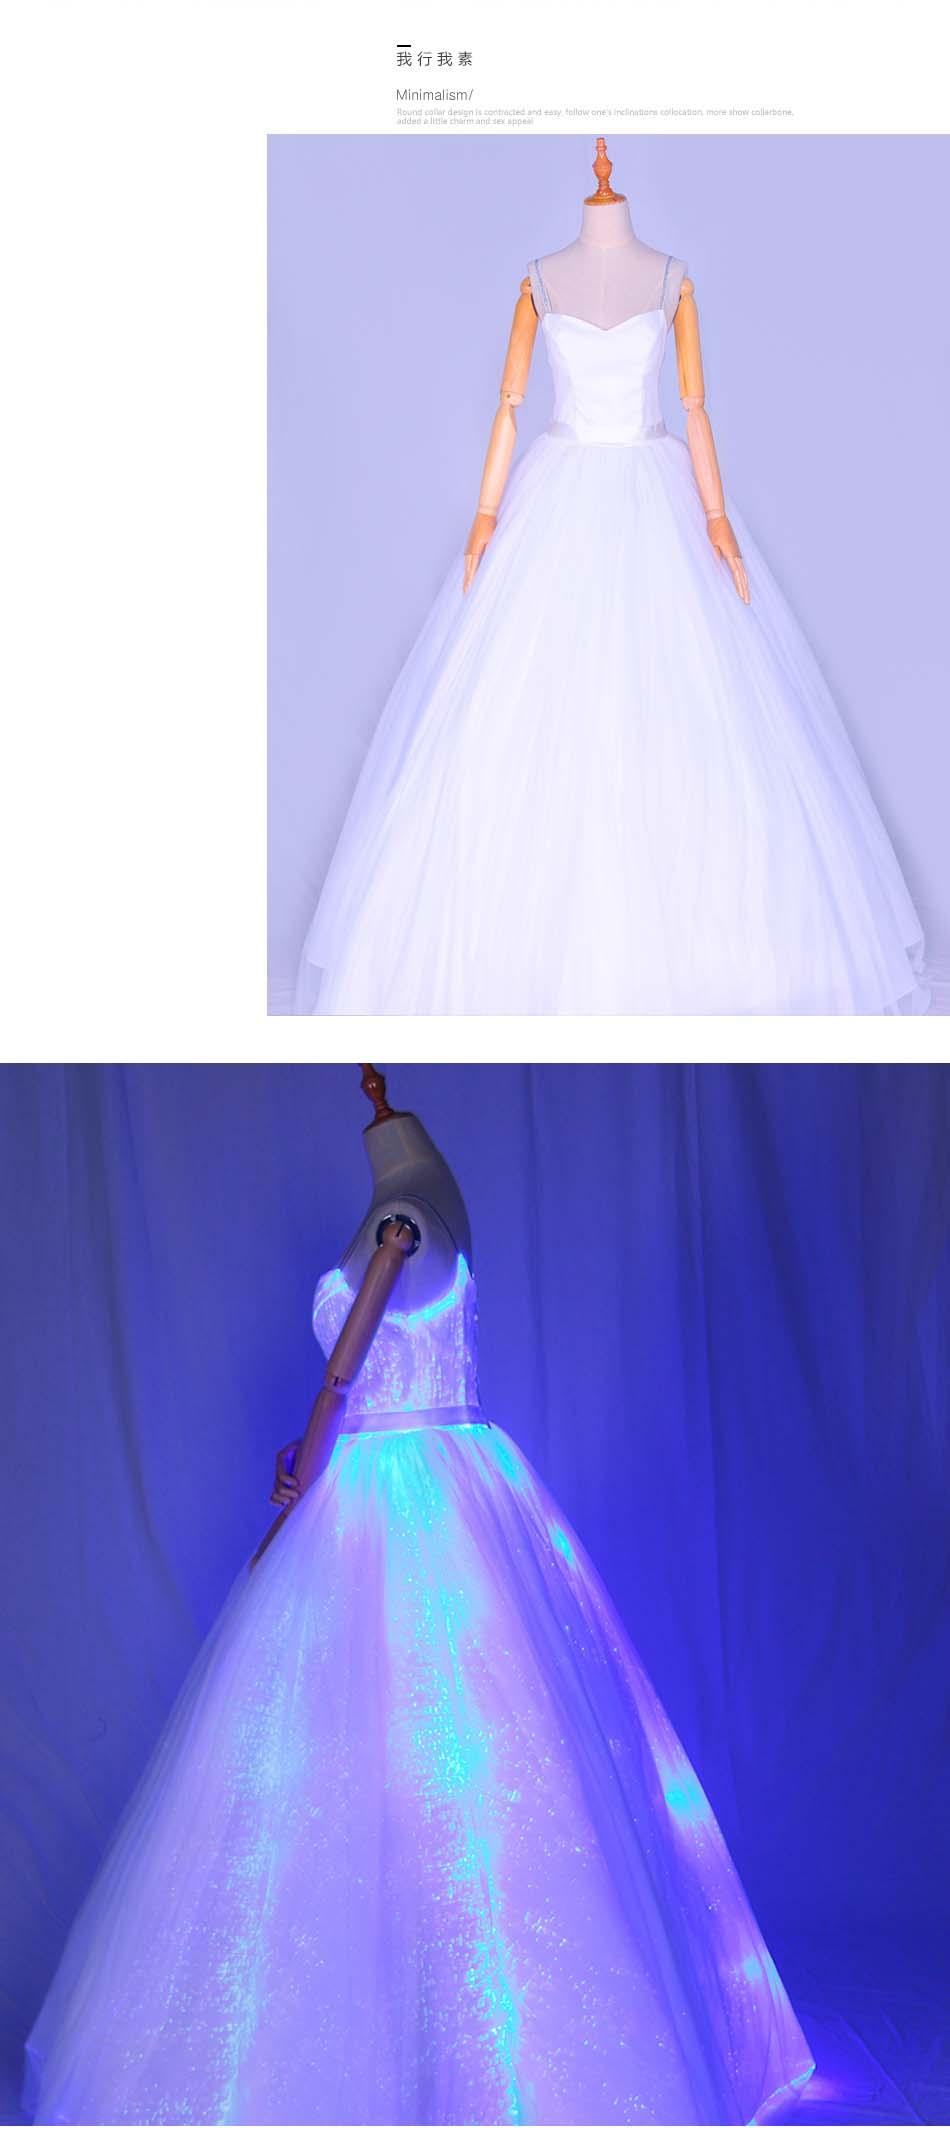 会发光的婚纱价格